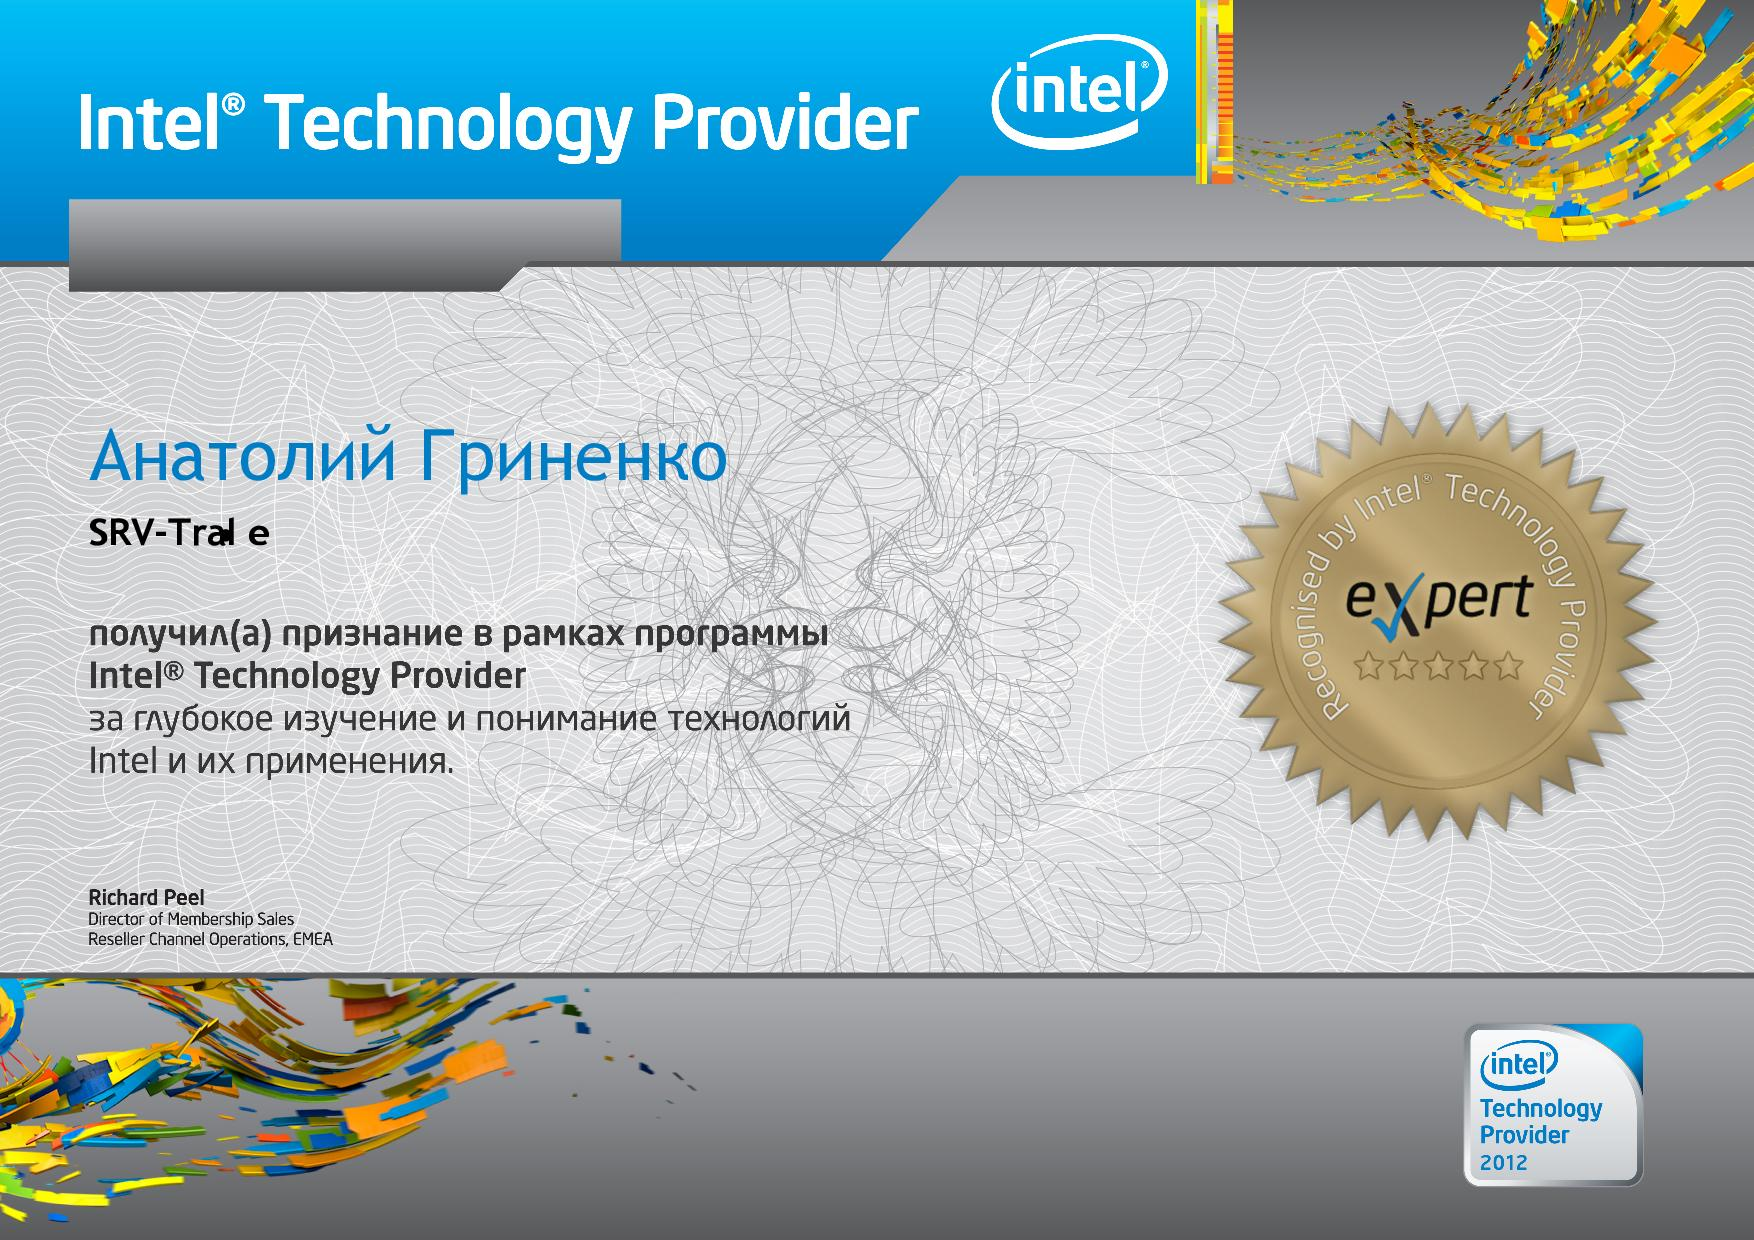 Анатолий Гриненко, Intel сертифицированный специалист